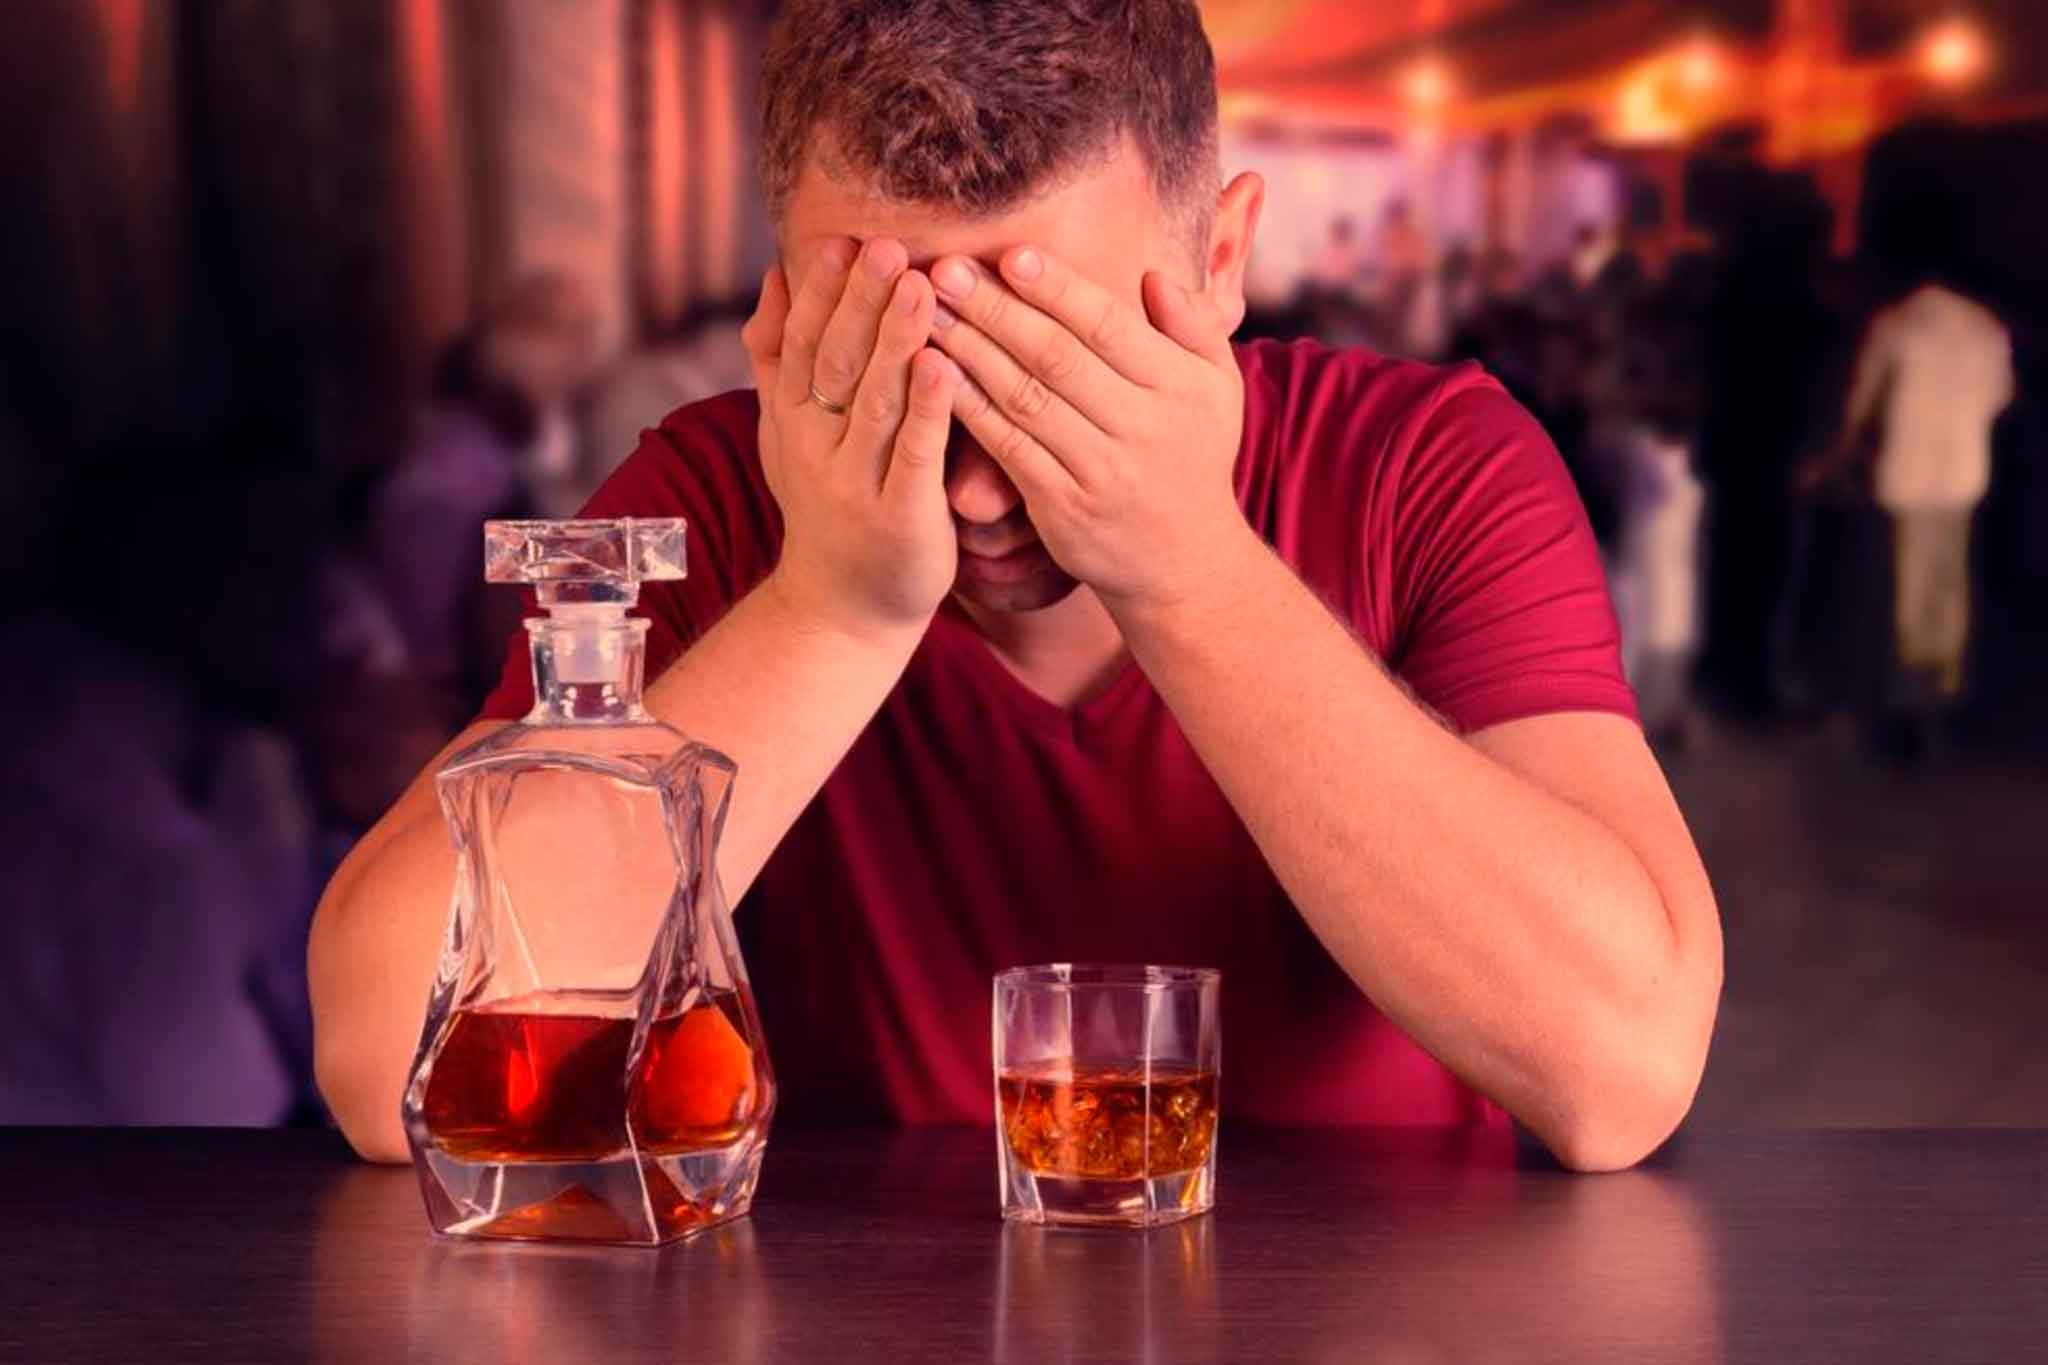 Алкогольна амнезія: чого не пам'ятаю, того не було - «Наркомедцентр» Київ.